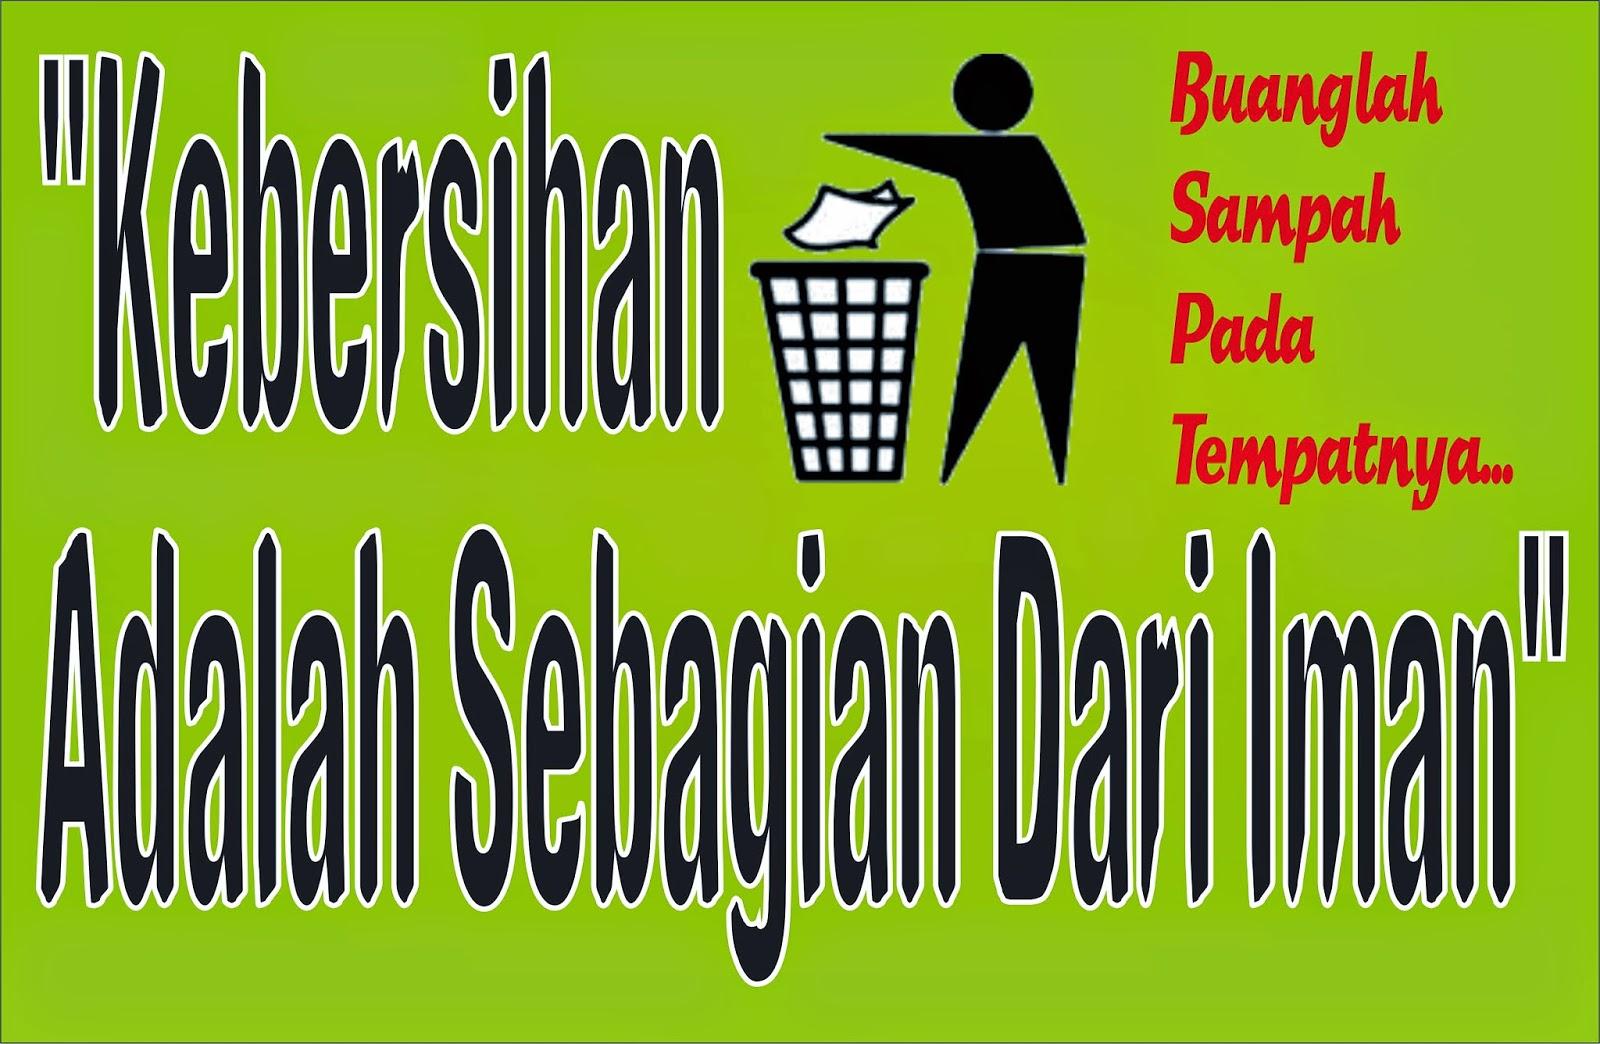 Contoh Slogan Sekolah Beberapa Contoh Slogan Pendidikan Lingkungan Dan Kesehatan Slogan Kebersihan Read Sources Contoh Slogan Lingkungan Hidup Embun